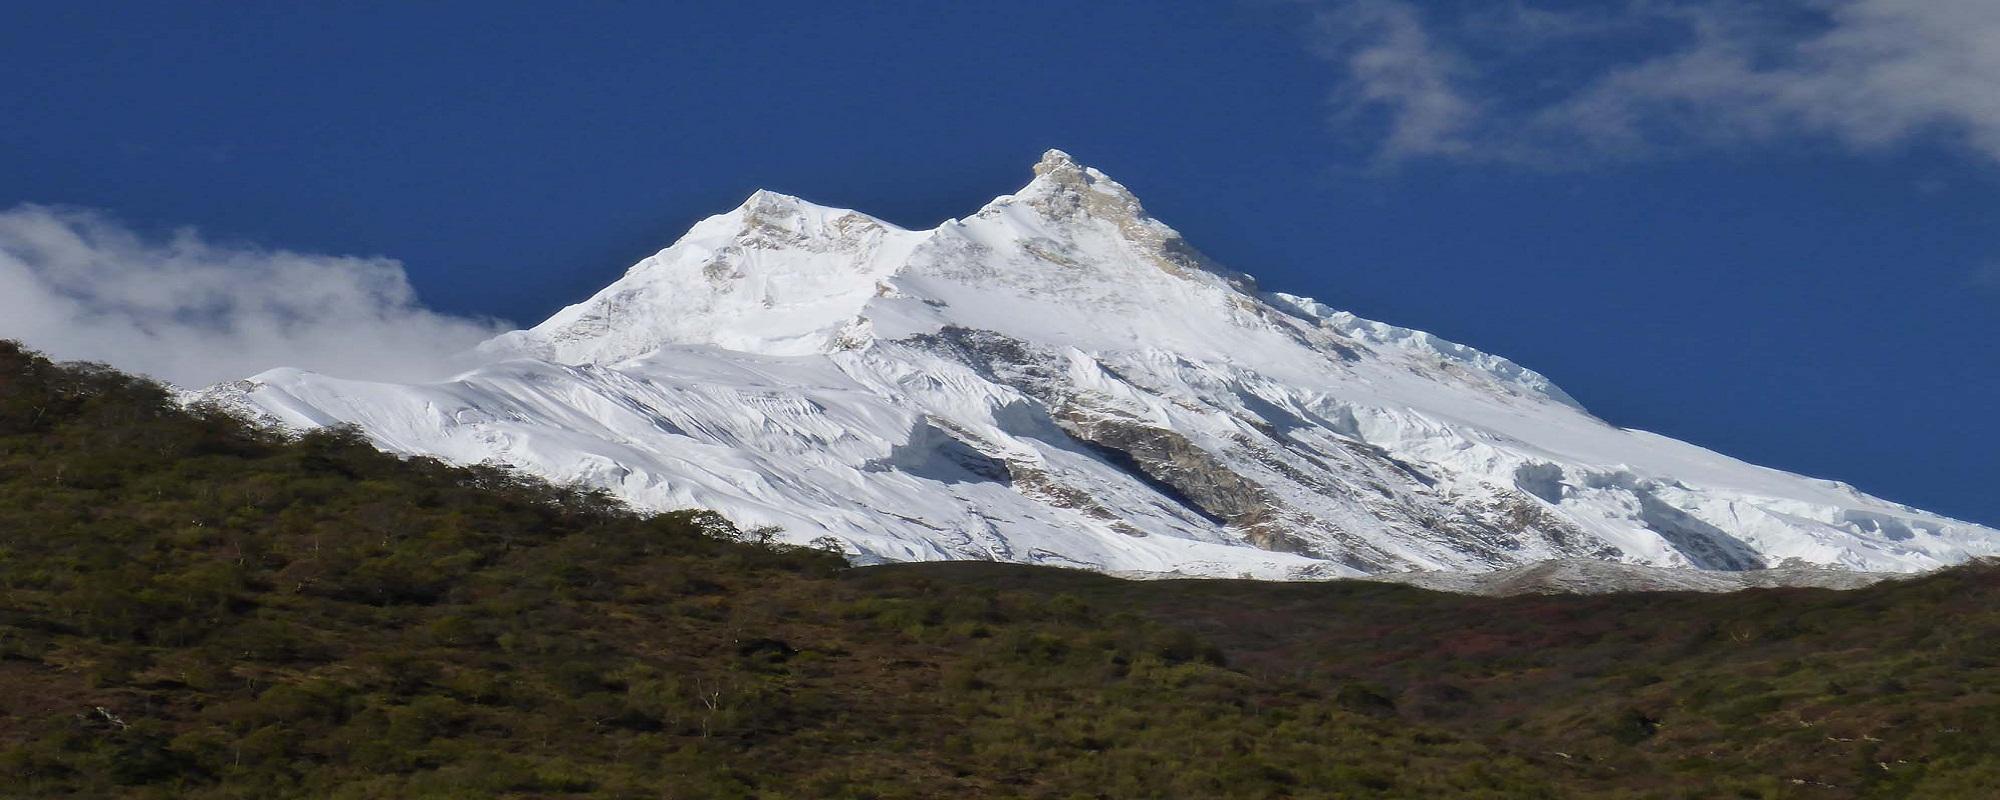 Manaslu Expedition